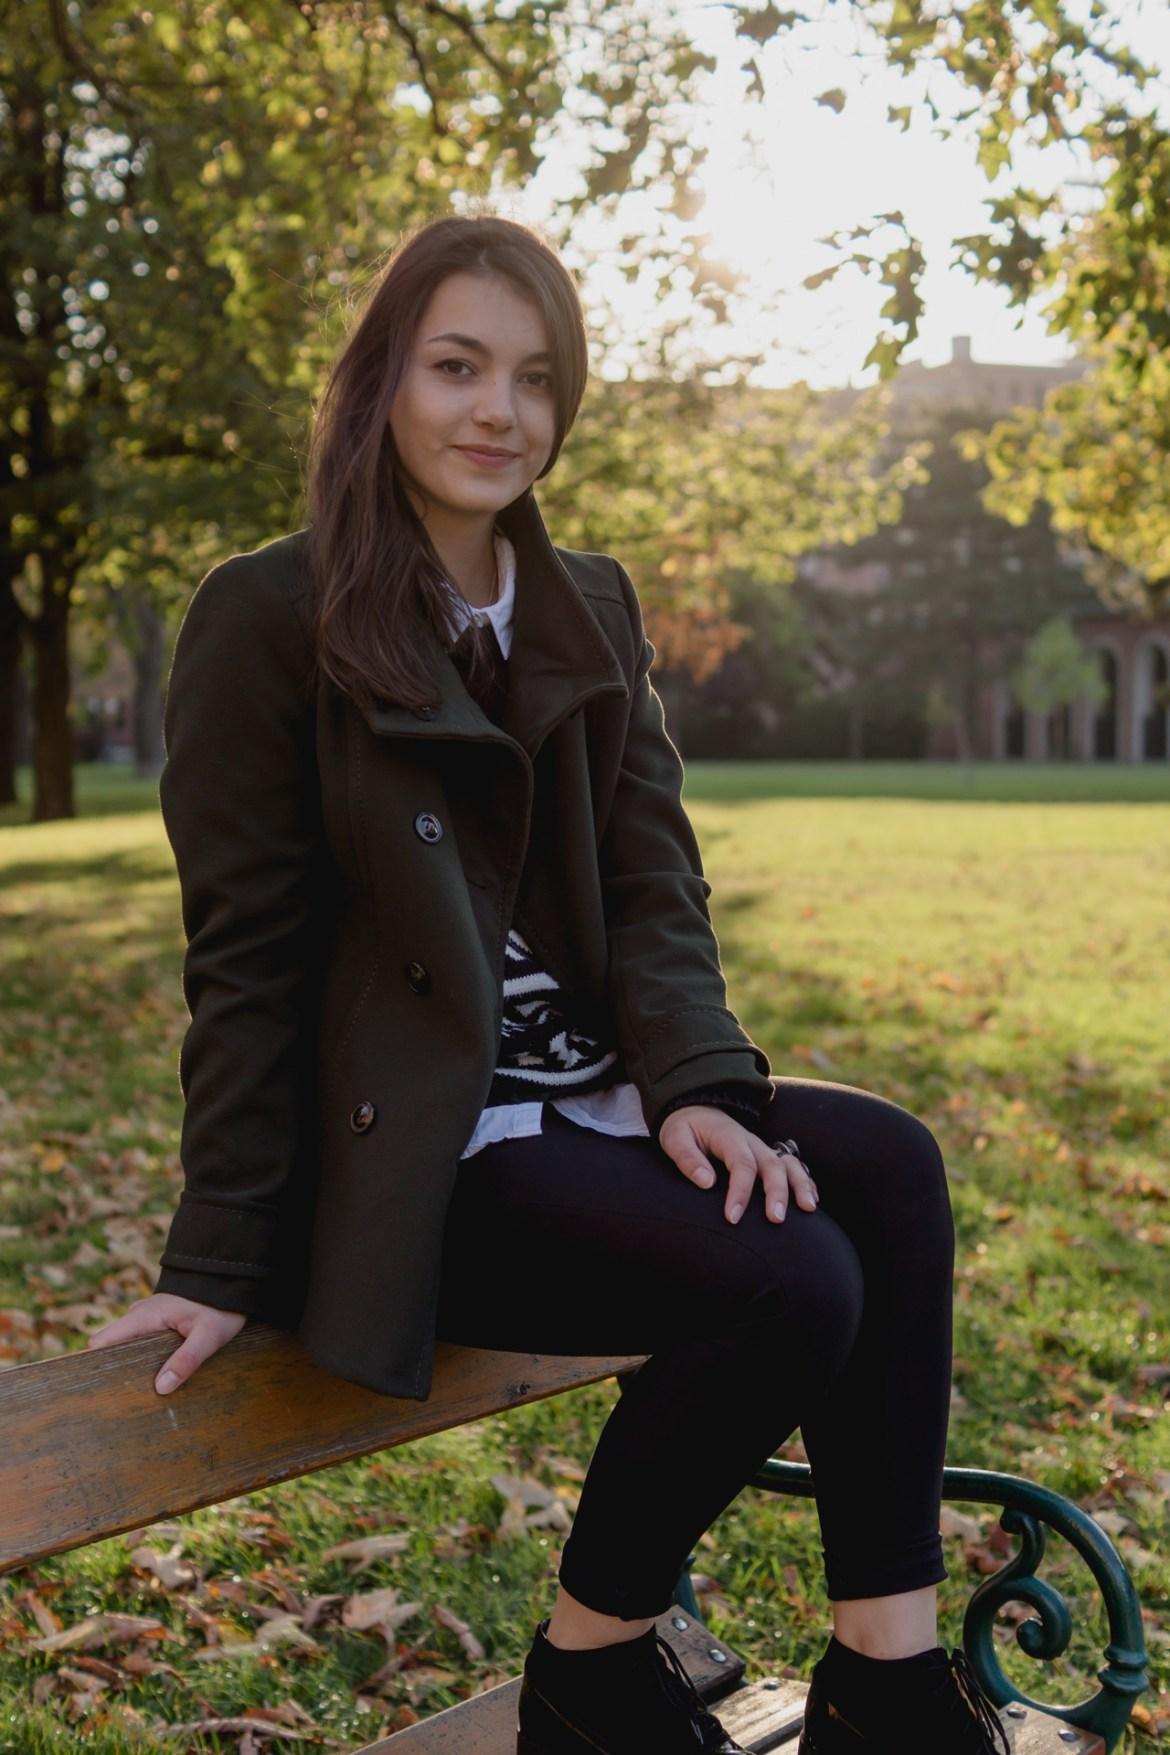 Dorie sitzt auf einer Parkbank und trägt einen grünen H&M Kurzmantel und schwarze Mint&Berry Schuhe, sowie einen schwarzen Pullover und Hose